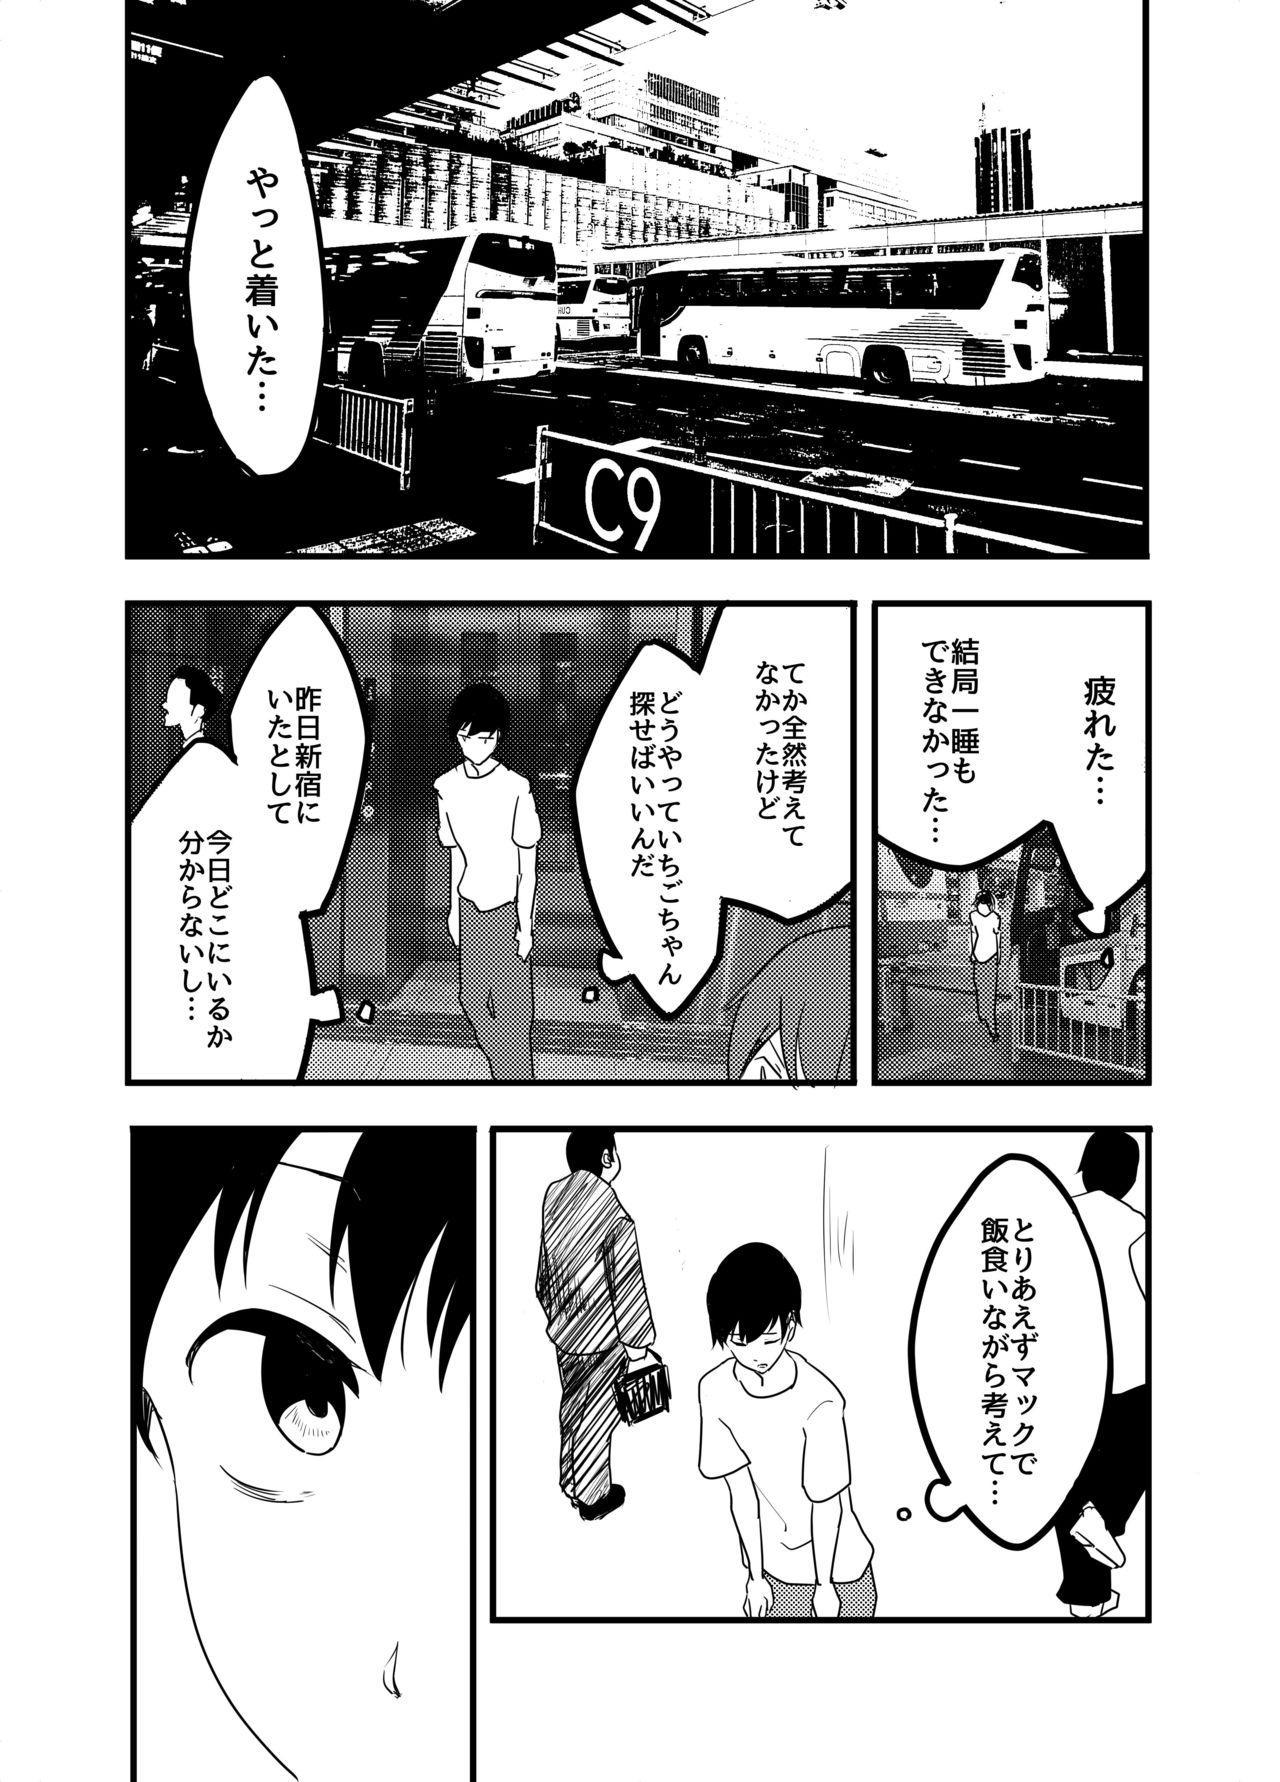 Hoshimiya Ichigo o Goukan Shite Boku wa Hoshi ni Naru. 15